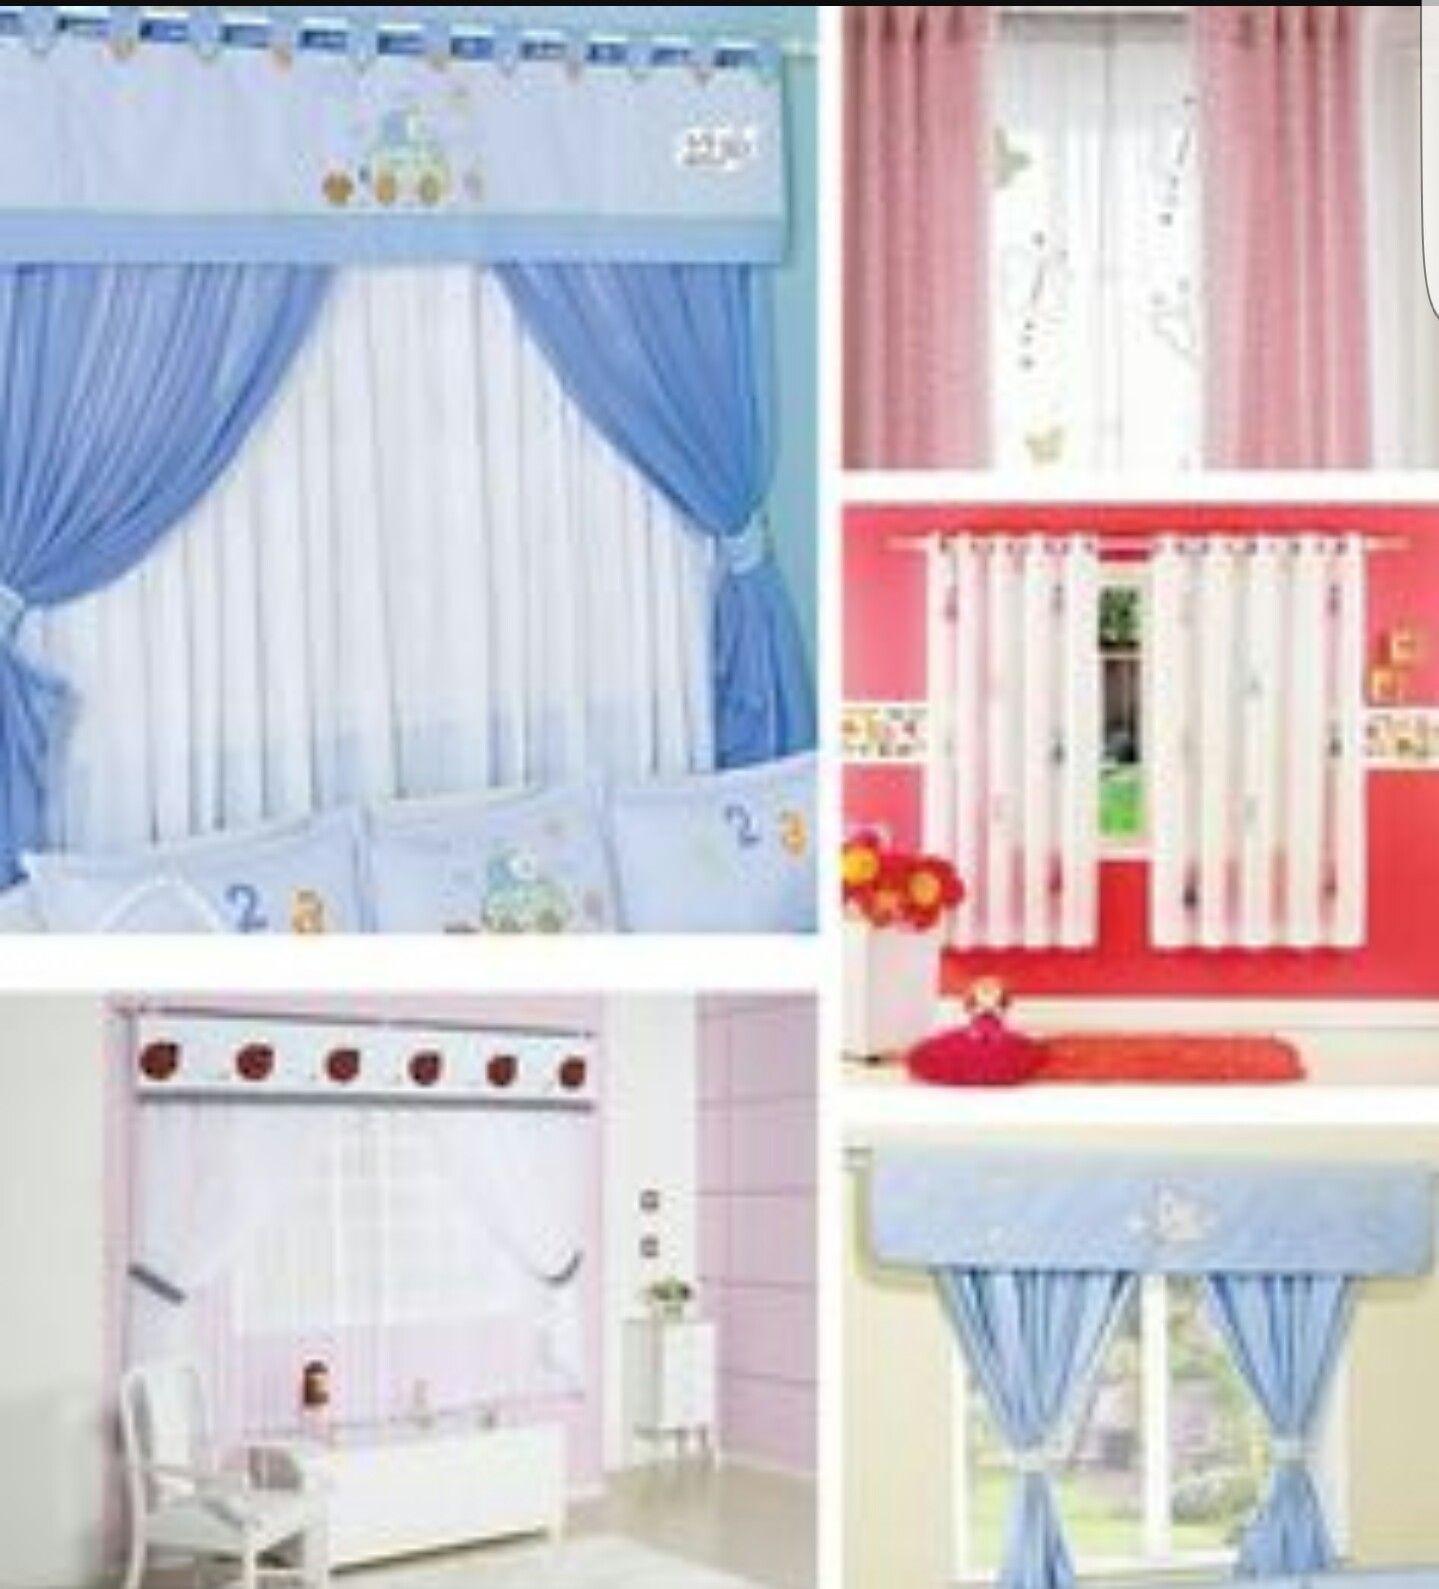 Decoraci n para cuarto de beb recamaras de ni os pinterest cortinas para beb cortinas - Cortinas habitaciones infantiles ...